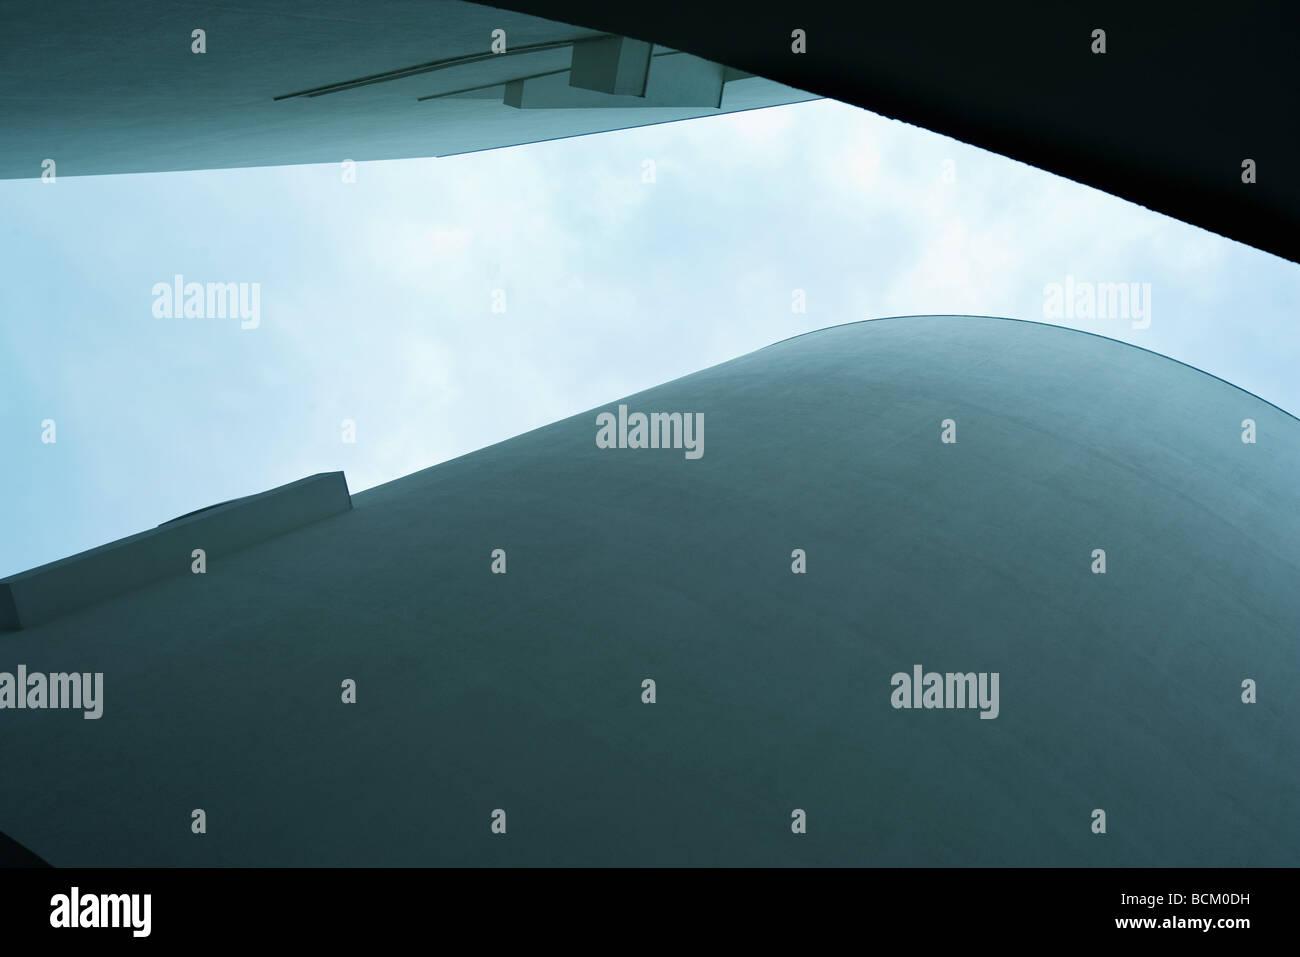 Architektonische Schuss, Blick vom direkt unten Stockbild